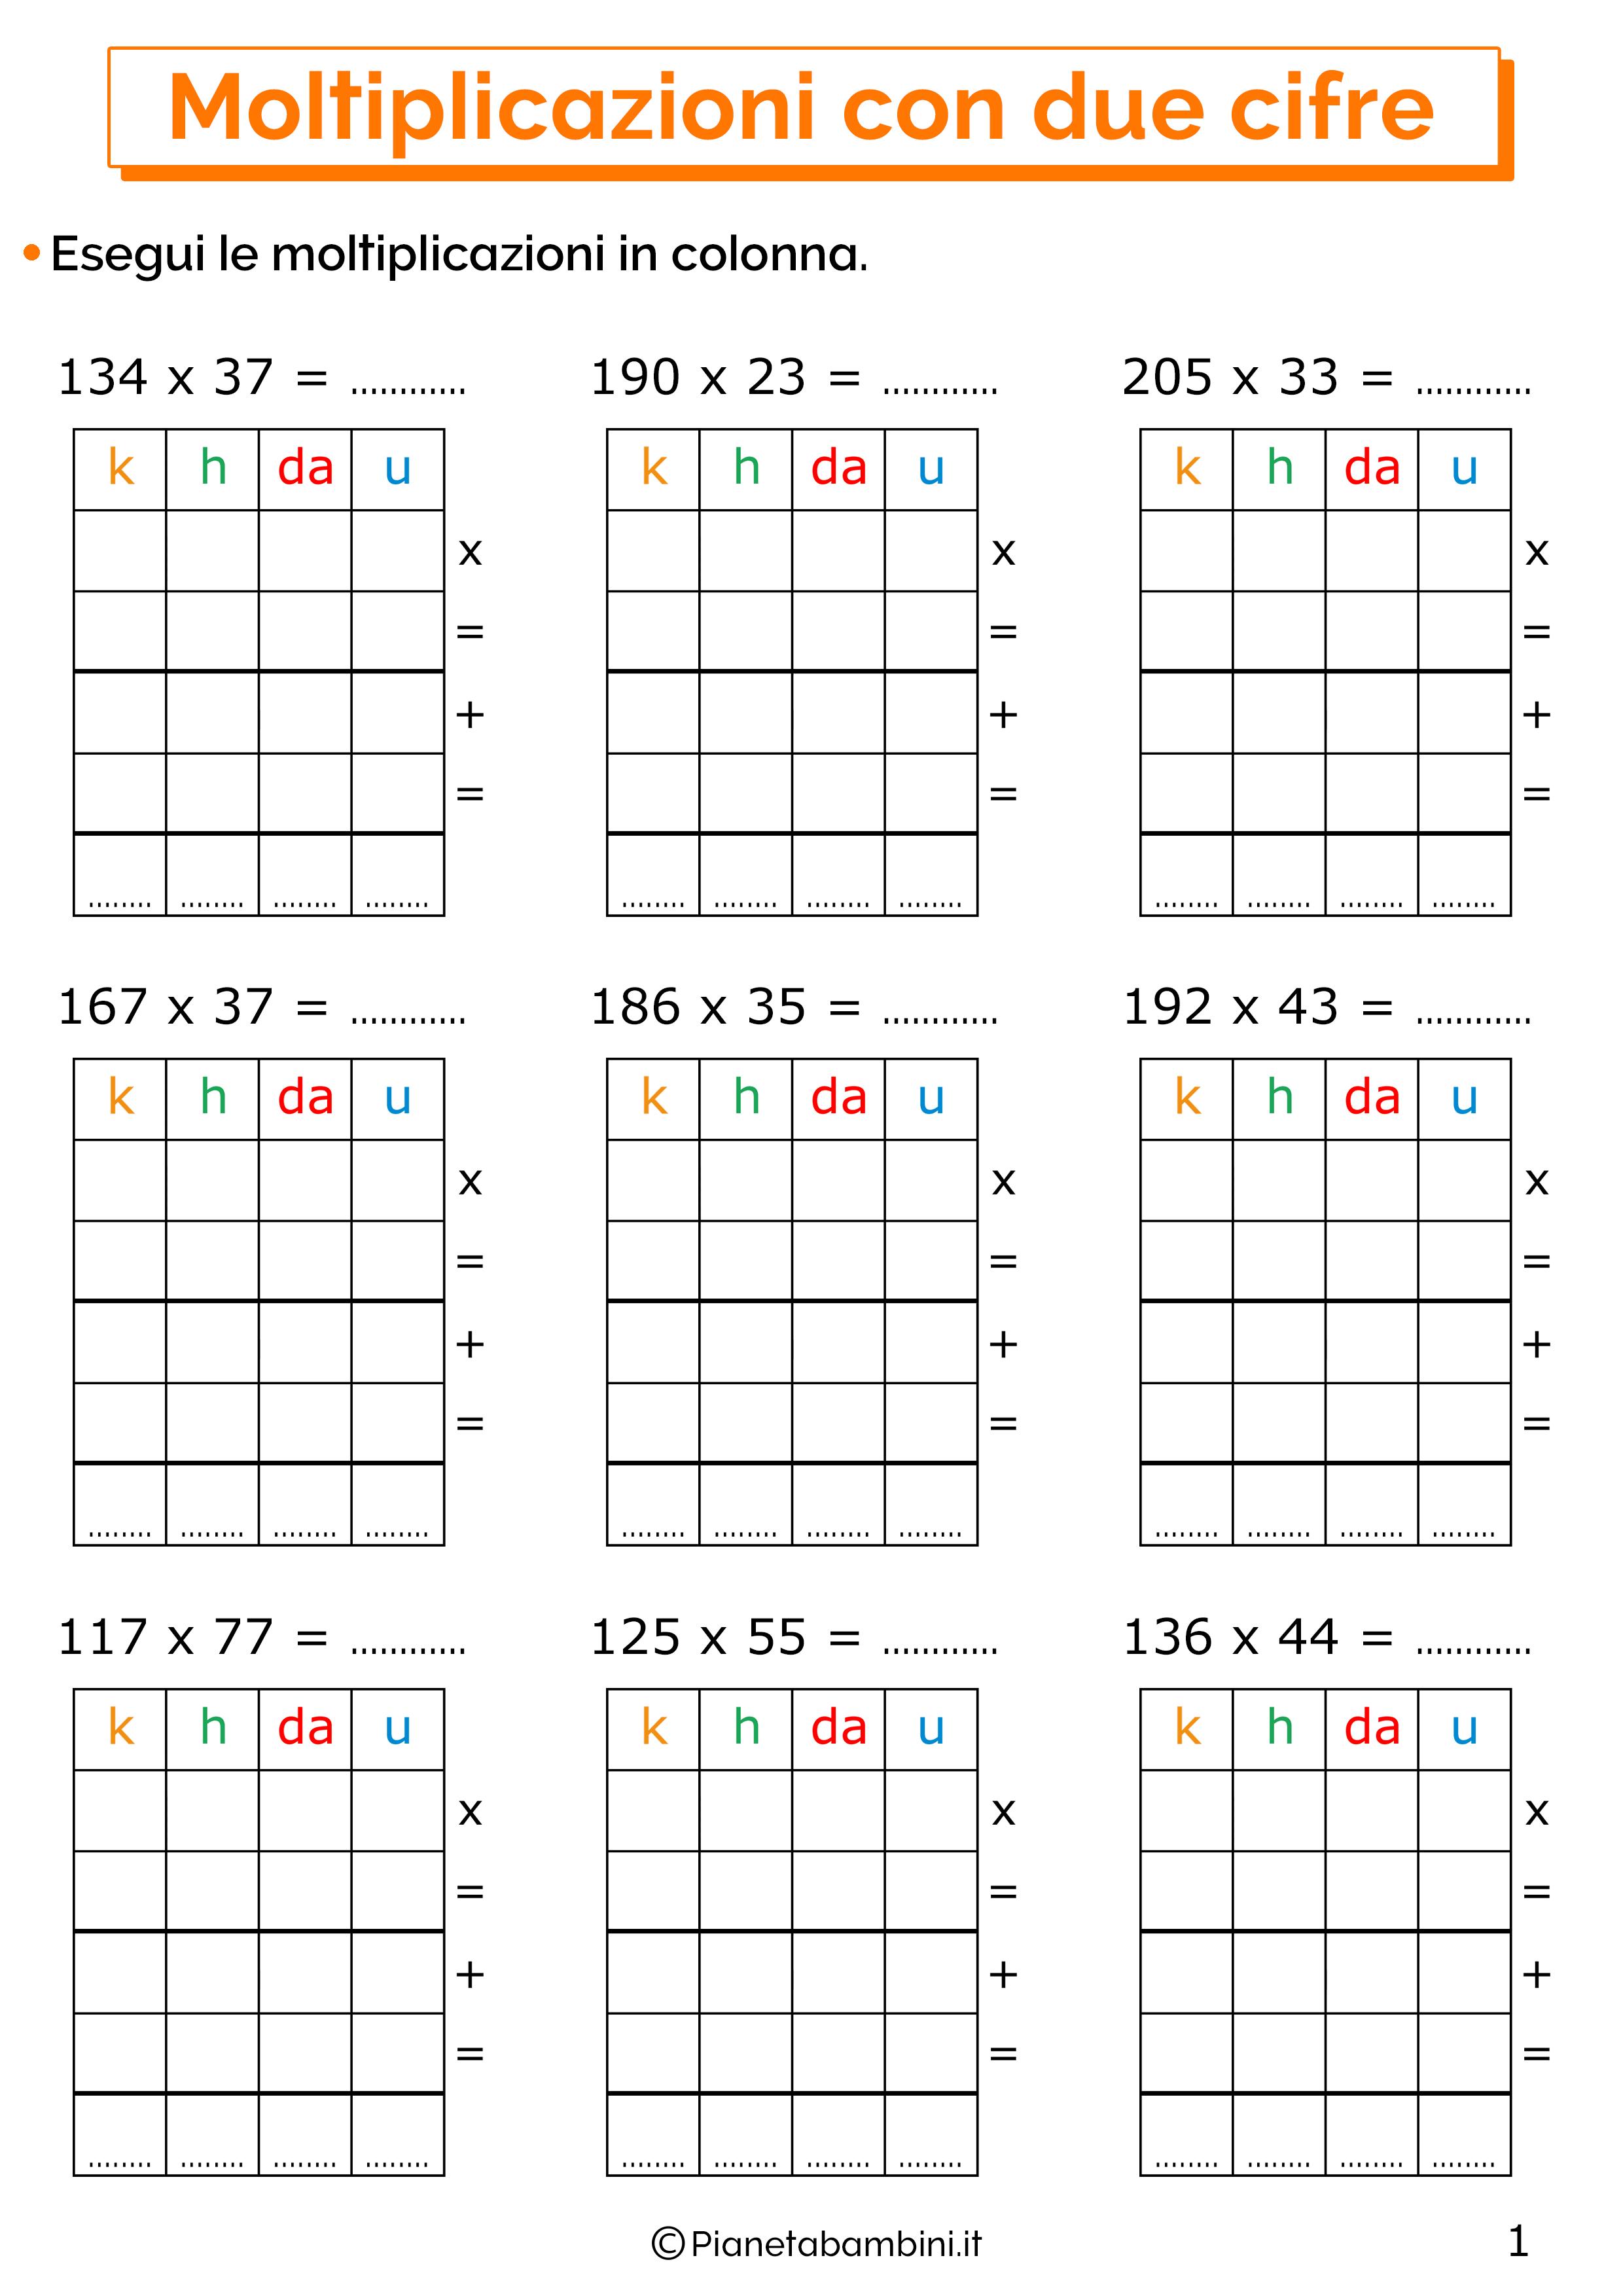 Esercizi sulle moltiplicazioni in colonna con tre cifre al moltiplicando e due cifre al moltiplicatore 1